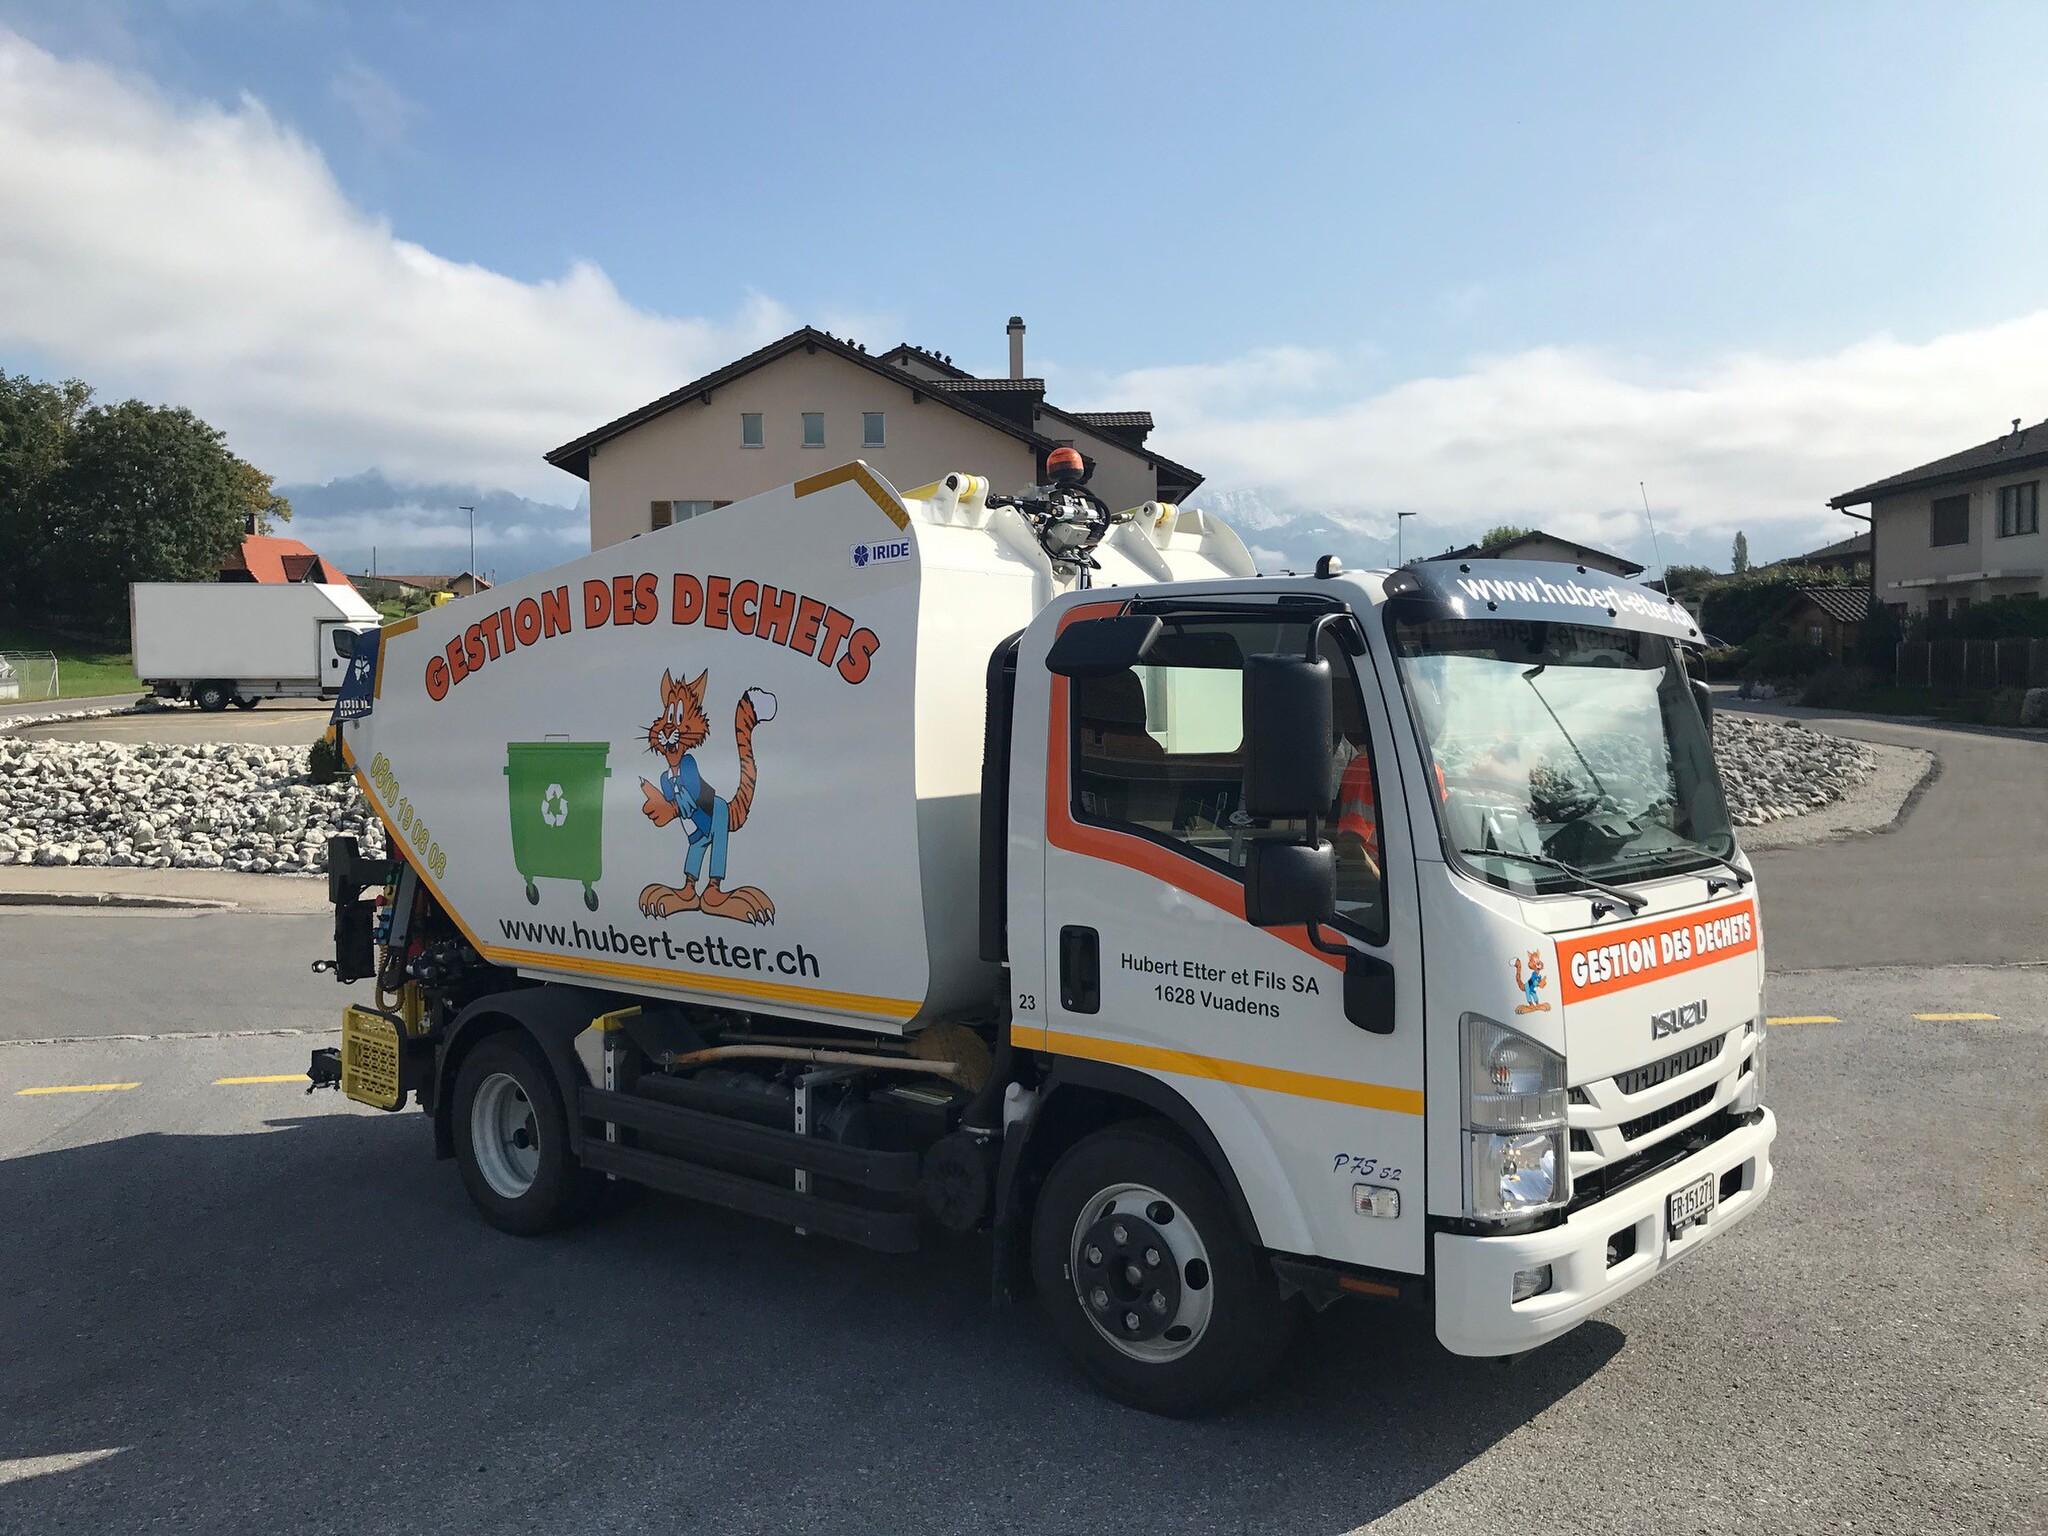 Mise en service de notre camion-poubelle pour la prise en charge de vos déchets